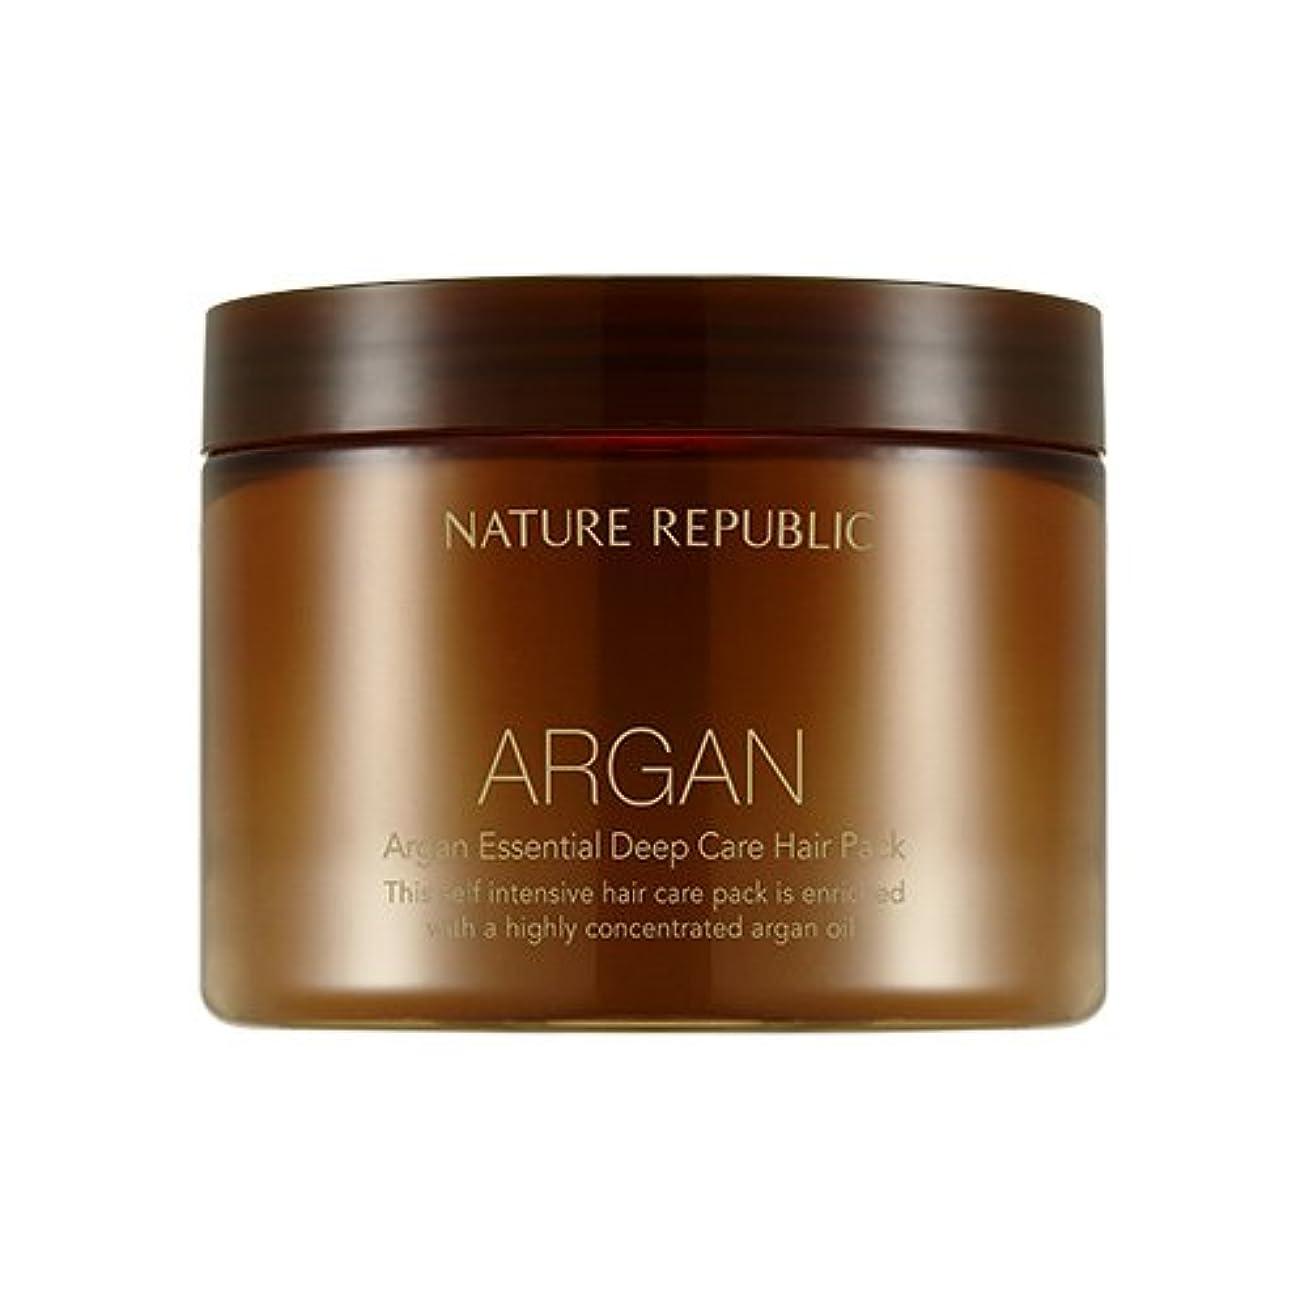 風が強い竜巻リンスNATURE REPUBLIC Argan Essential Deep Care Hair Pack 470ml ネイチャーリパブリック アルガンエッセンシャルディープケアヘアパック 470ml [並行輸入品]